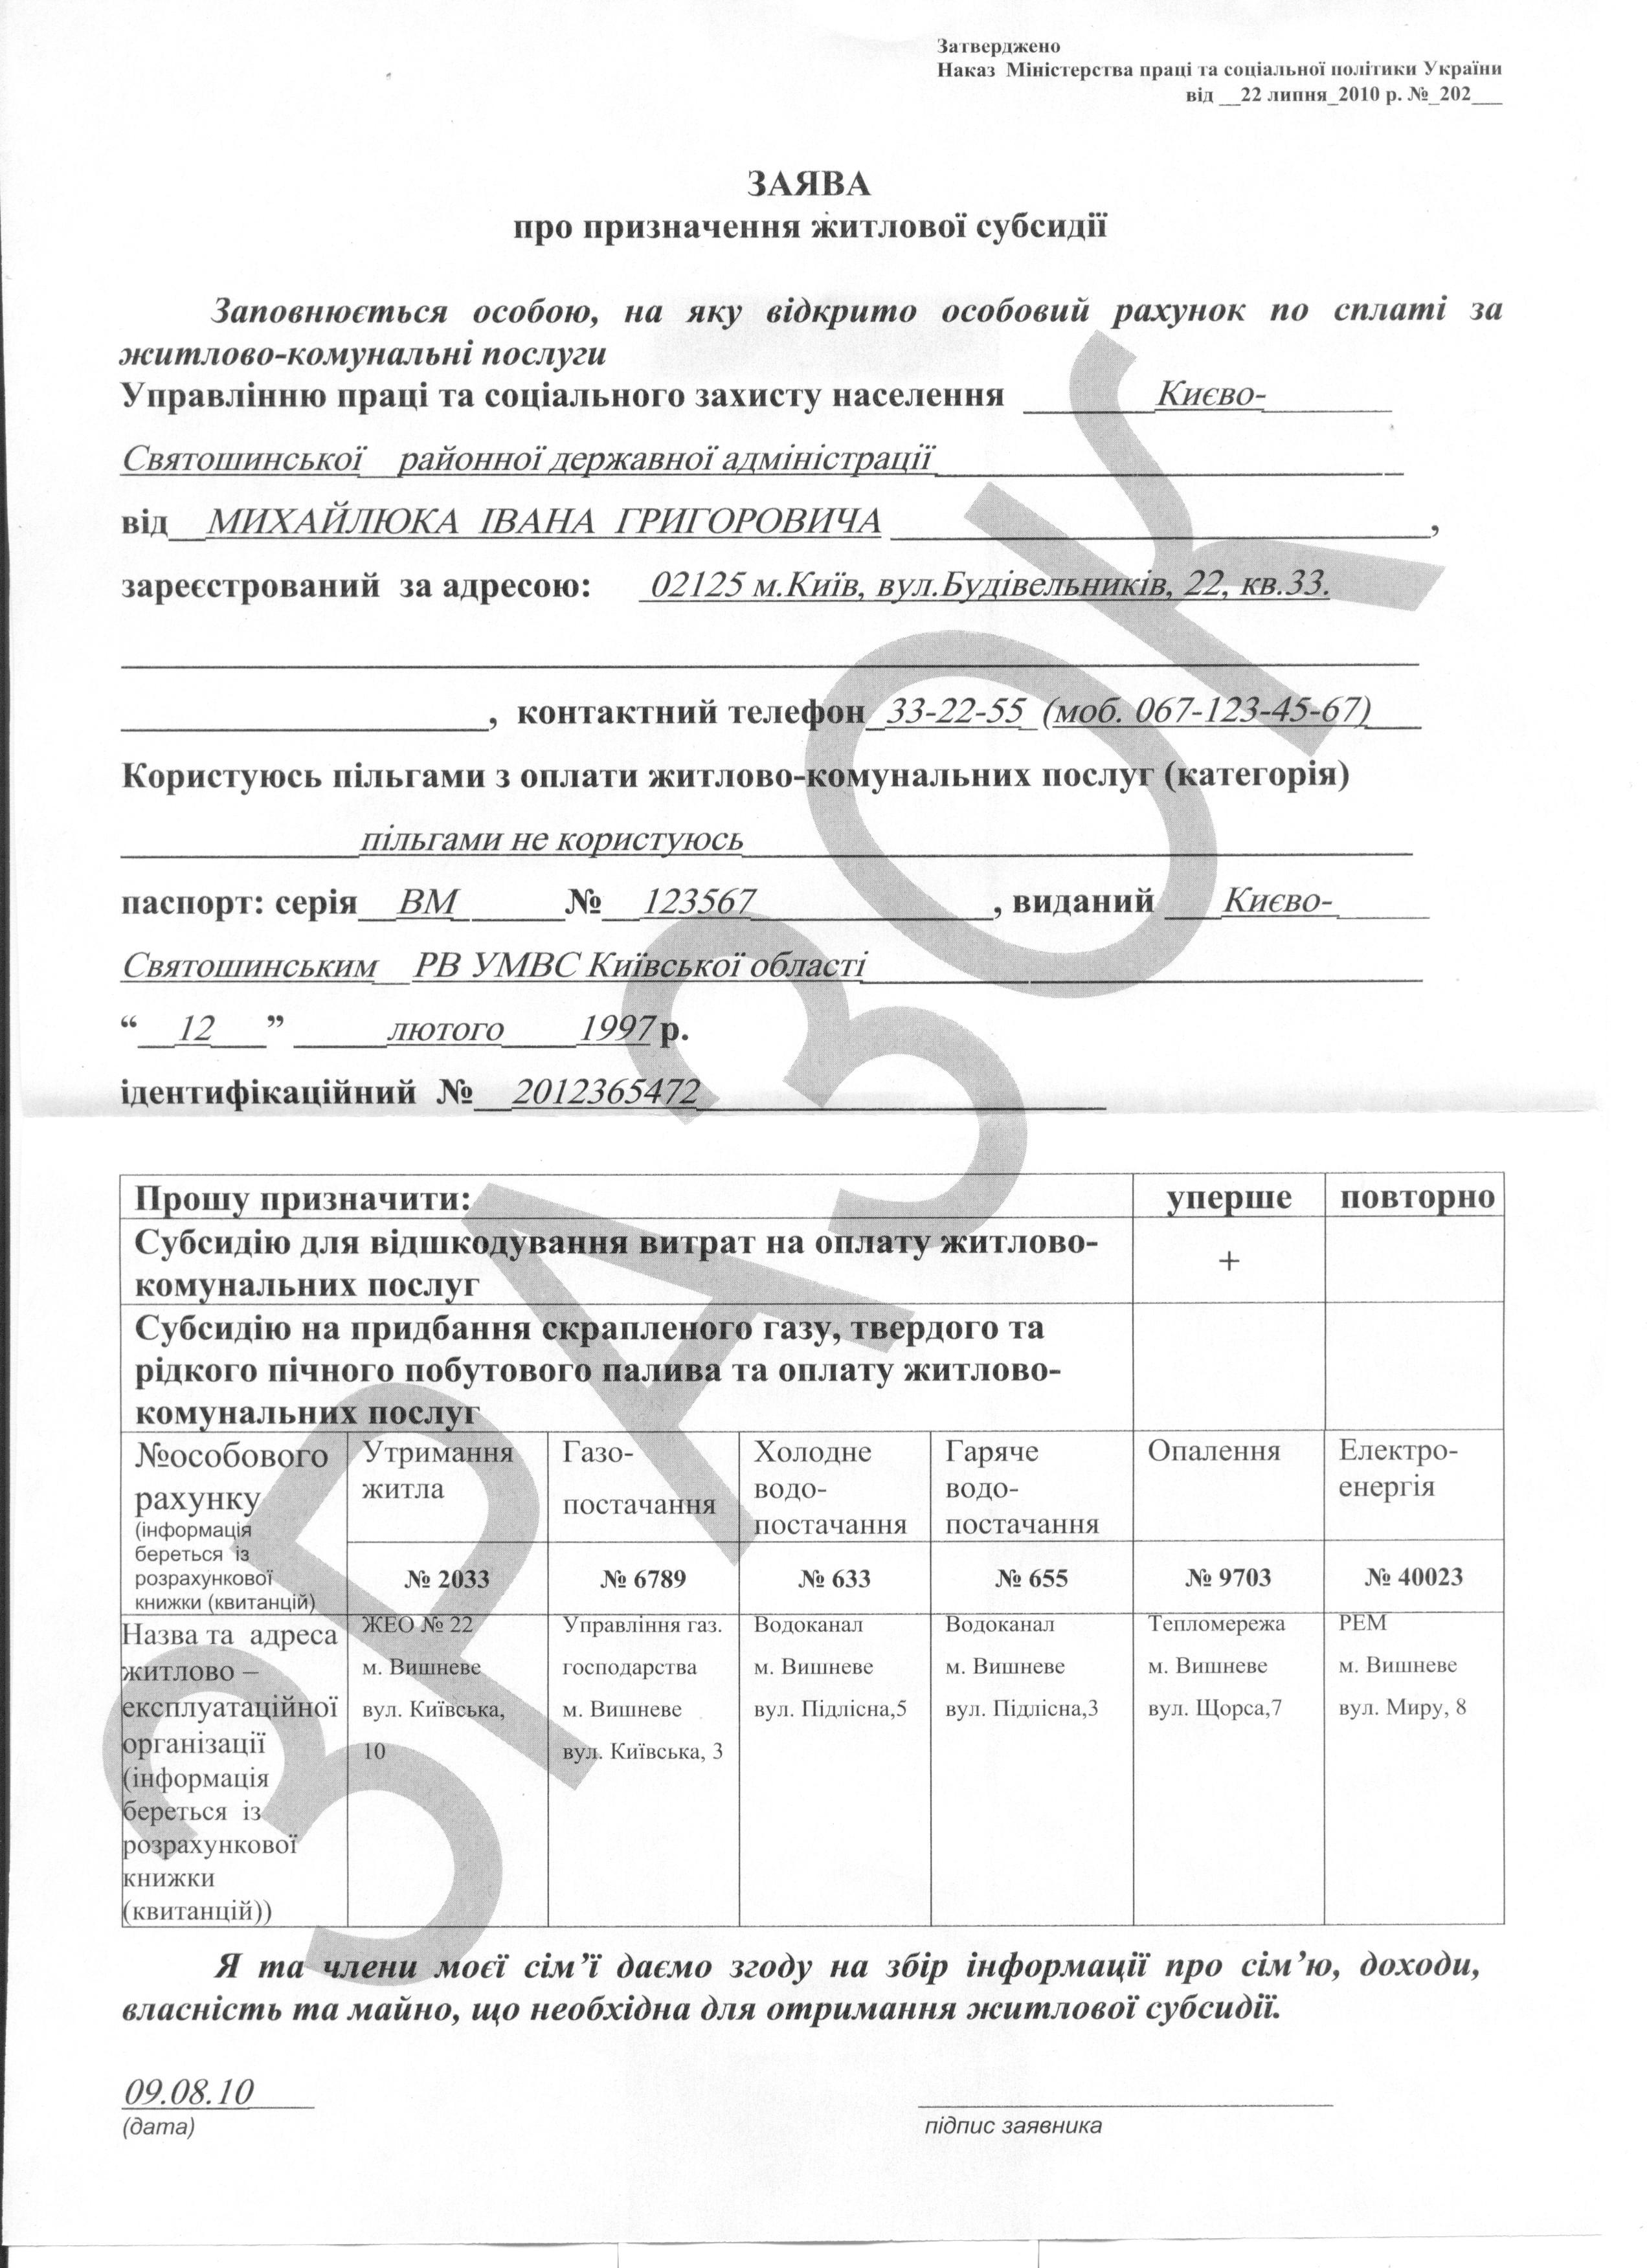 декларація на прибуток 2013 бланк